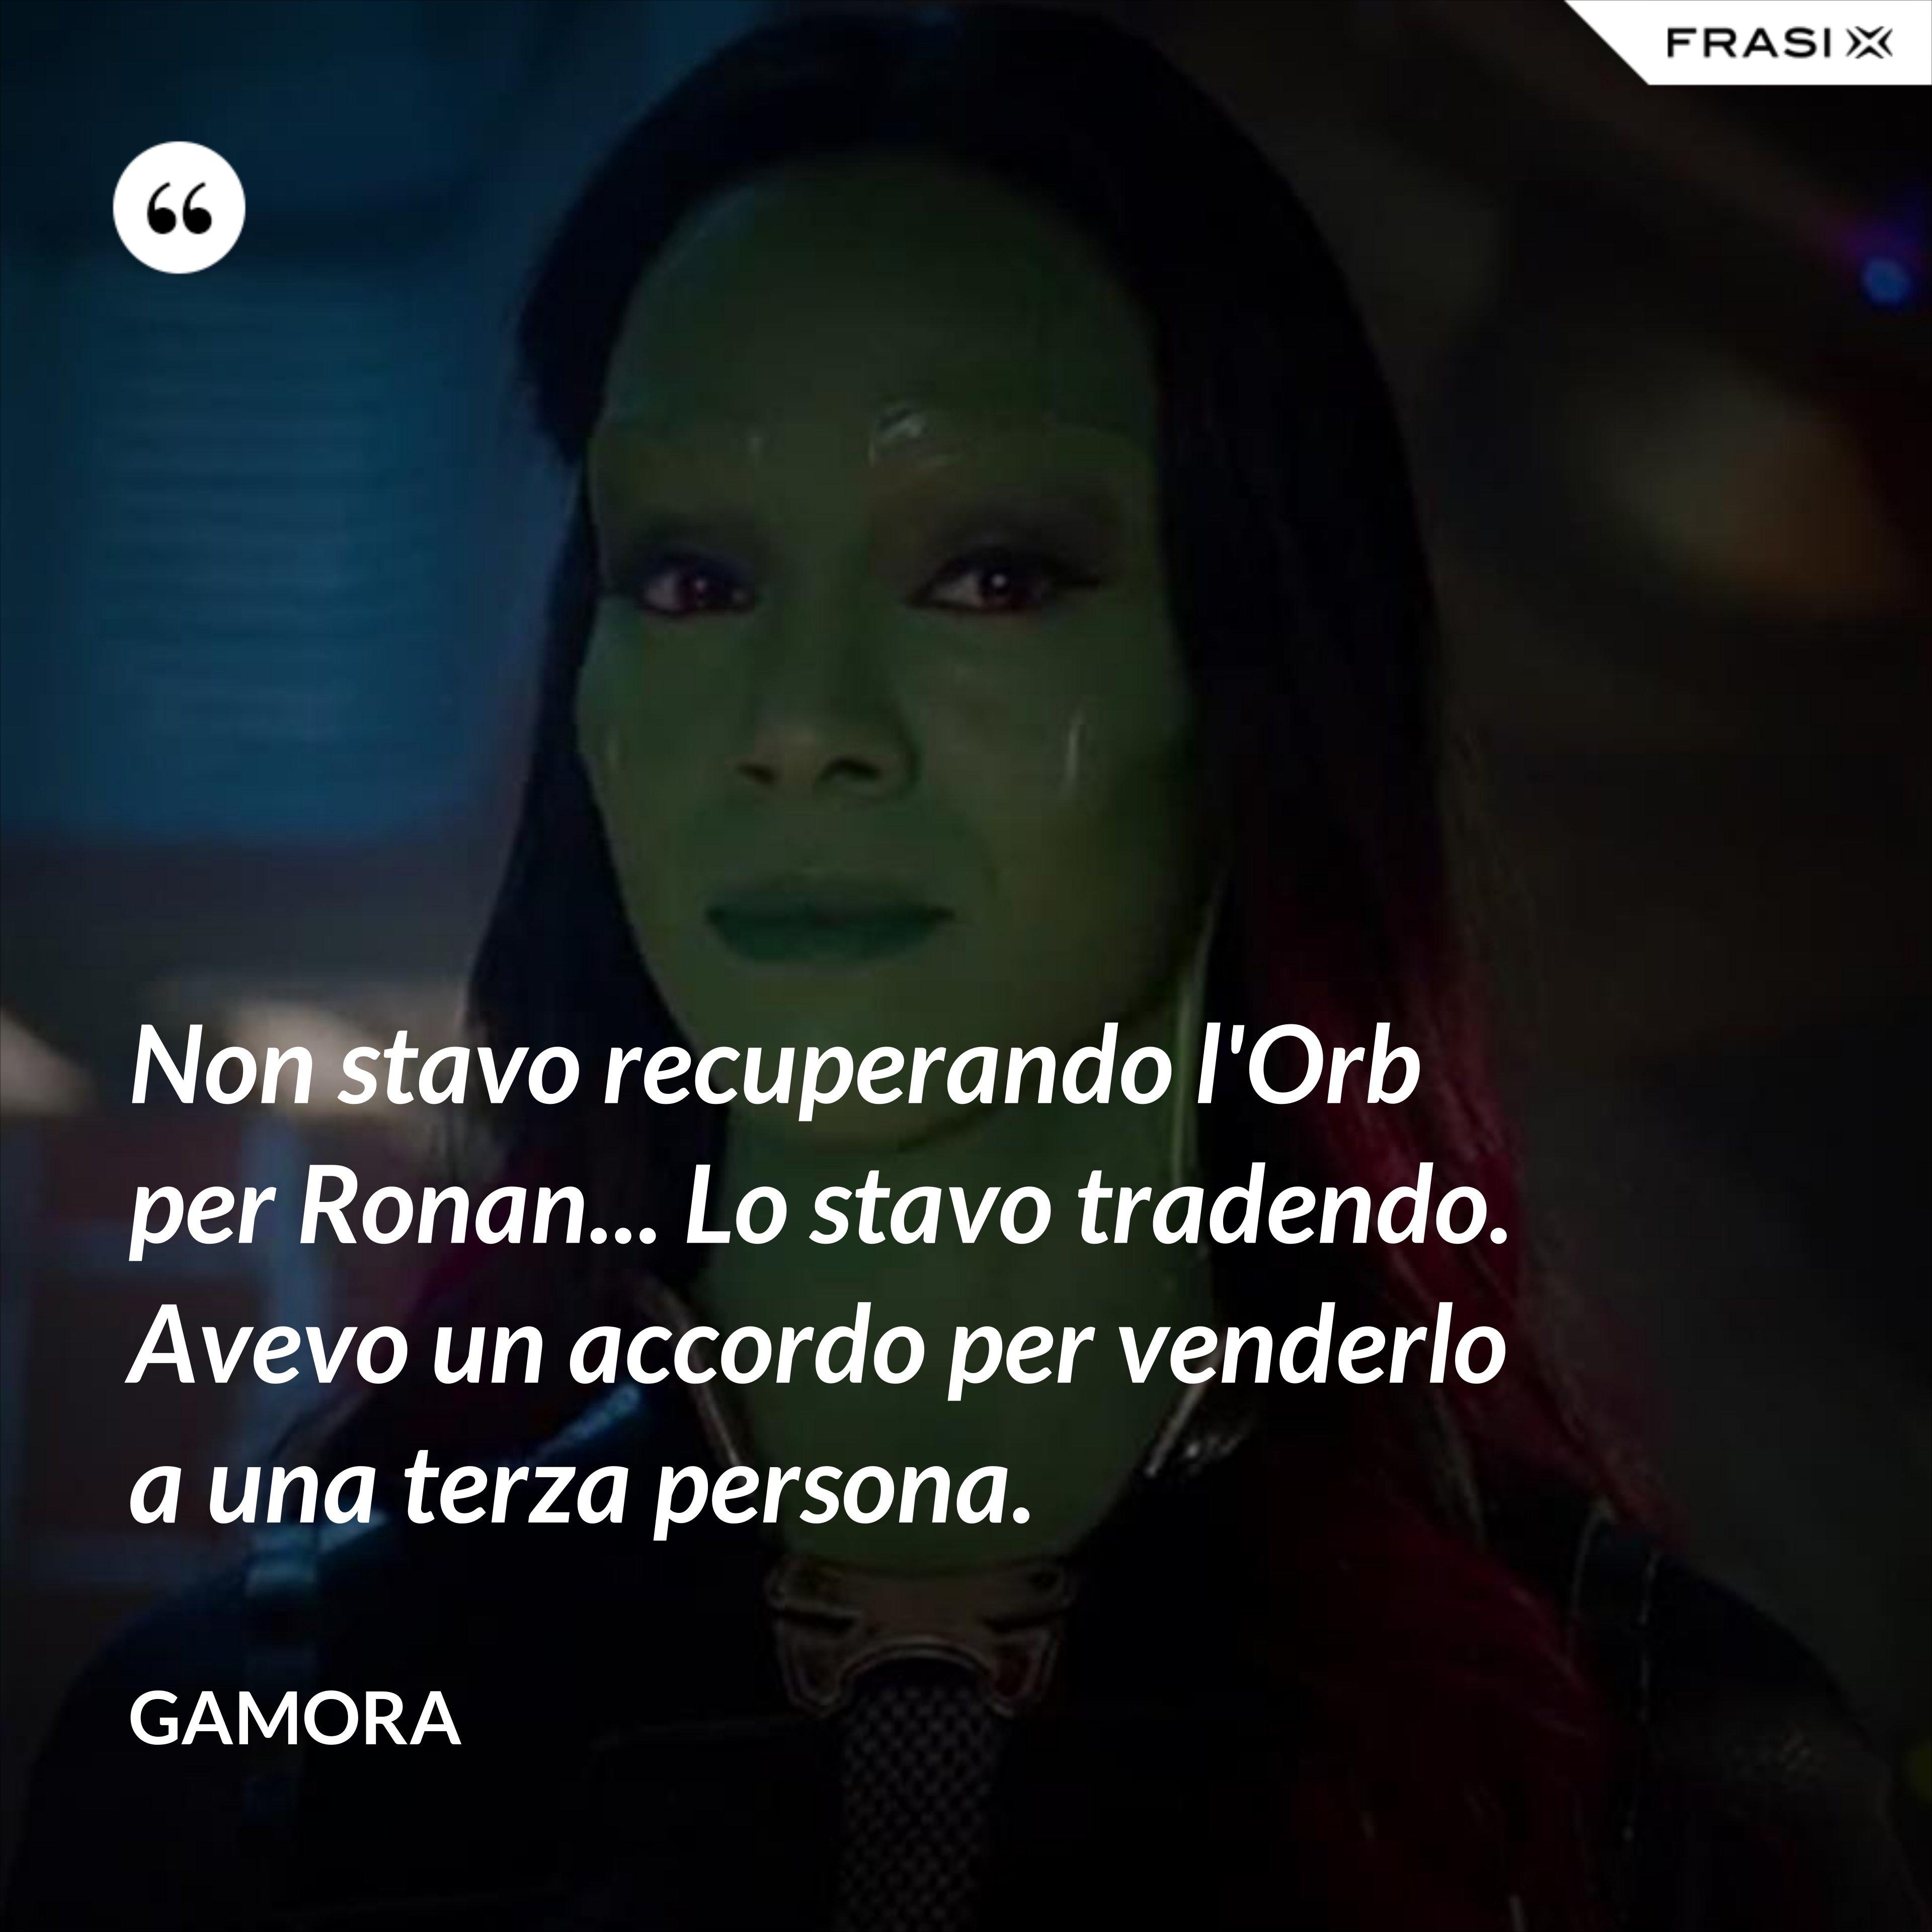 Non stavo recuperando l'Orb per Ronan... Lo stavo tradendo. Avevo un accordo per venderlo a una terza persona. - Gamora